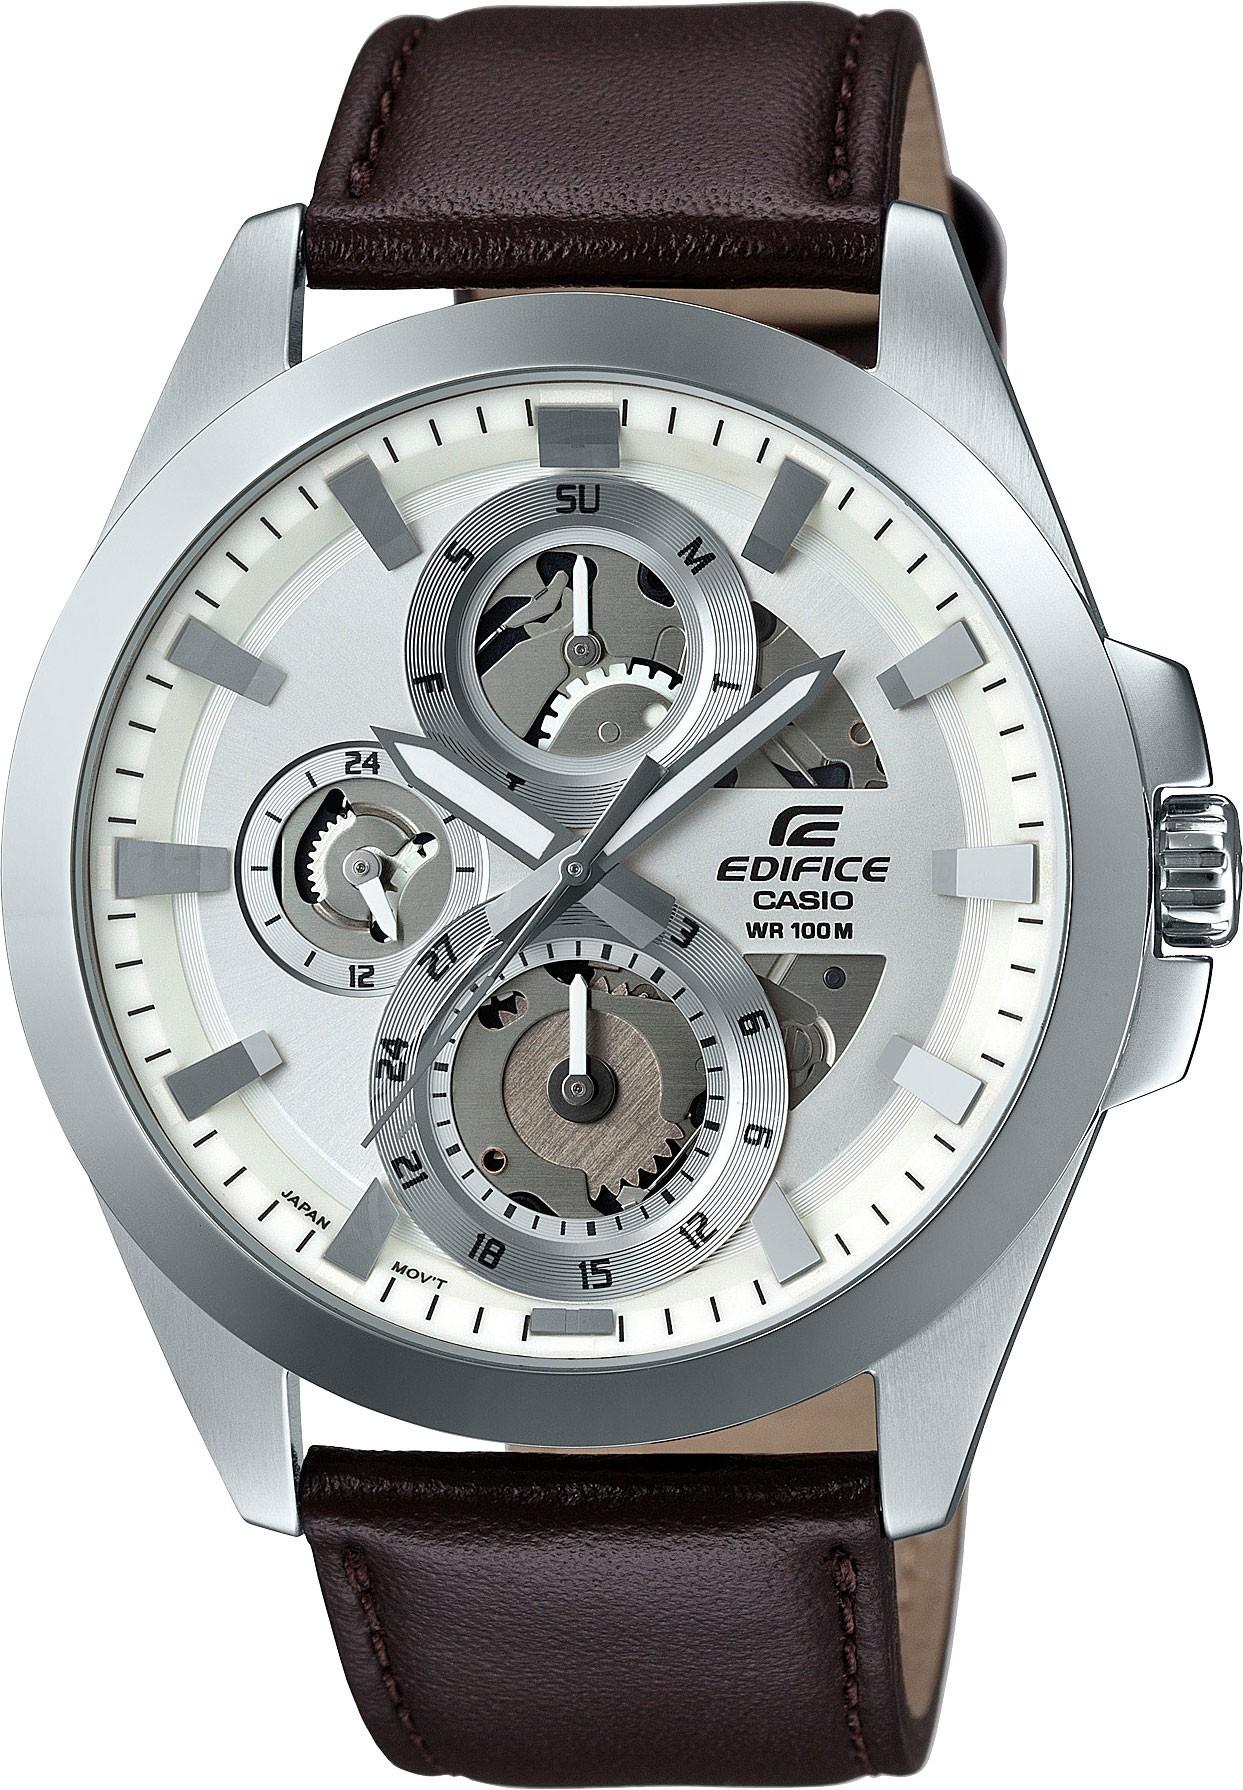 Casio Edifice ESK-300L-7A / ESK-300L-7AER - мужские наручные часыCasio<br><br><br>Бренд: Casio<br>Модель: Casio ESK-300L-7A<br>Артикул: ESK-300L-7A<br>Вариант артикула: ESK-300L-7AER<br>Коллекция: Edifice<br>Подколлекция: None<br>Страна: Япония<br>Пол: мужские<br>Тип механизма: кварцевые<br>Механизм: None<br>Количество камней: None<br>Автоподзавод: None<br>Источник энергии: от батарейки<br>Срок службы элемента питания: 36 мес<br>Дисплей: стрелки<br>Цифры: отсутствуют<br>Водозащита: WR 100<br>Противоударные: None<br>Материал корпуса: нерж. сталь<br>Материал браслета: кожа<br>Материал безеля: None<br>Стекло: минеральное<br>Антибликовое покрытие: None<br>Цвет корпуса: None<br>Цвет браслета: None<br>Цвет циферблата: None<br>Цвет безеля: None<br>Размеры: 45.1x50.5x11 мм<br>Диаметр: None<br>Диаметр корпуса: None<br>Толщина: None<br>Ширина ремешка: None<br>Вес: 69 г<br>Спорт-функции: секундомер<br>Подсветка: стрелок<br>Вставка: None<br>Отображение даты: число, день недели<br>Хронограф: None<br>Таймер: None<br>Термометр: None<br>Хронометр: None<br>GPS: None<br>Радиосинхронизация: None<br>Барометр: None<br>Скелетон: да<br>Дополнительная информация: элемент питания SR927SW<br>Дополнительные функции: None